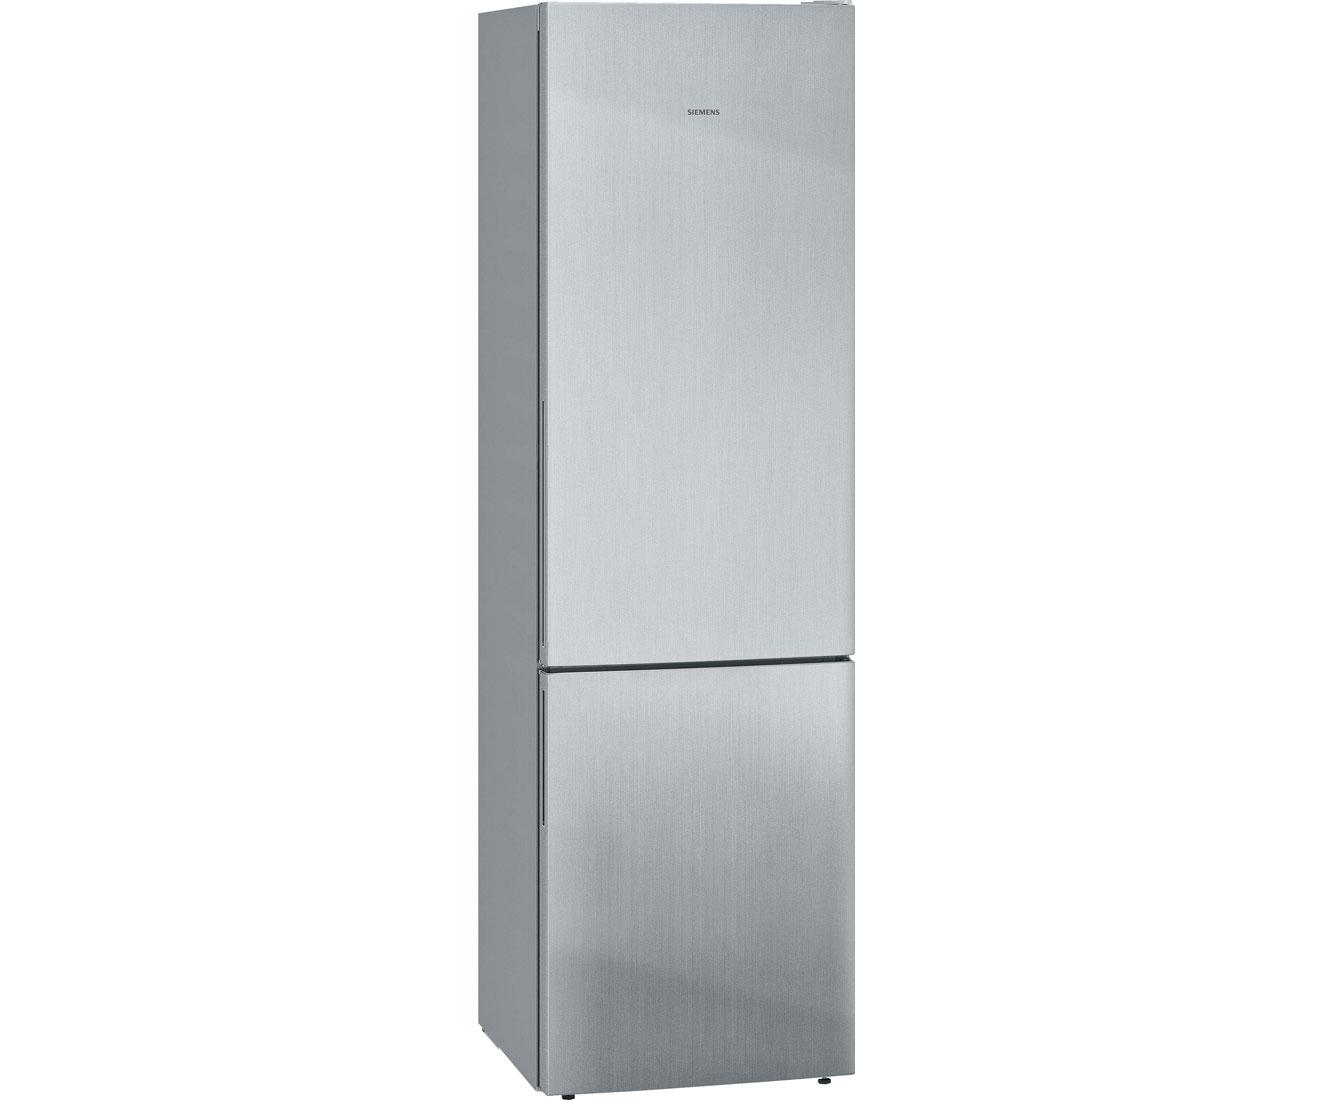 Siemens iQ300 KG39E2I4A Kühl-Gefrierkombinationen - Edelstahl | Küche und Esszimmer > Küchenelektrogeräte > Kühl-Gefrierkombis | Edelstahl | Siemens